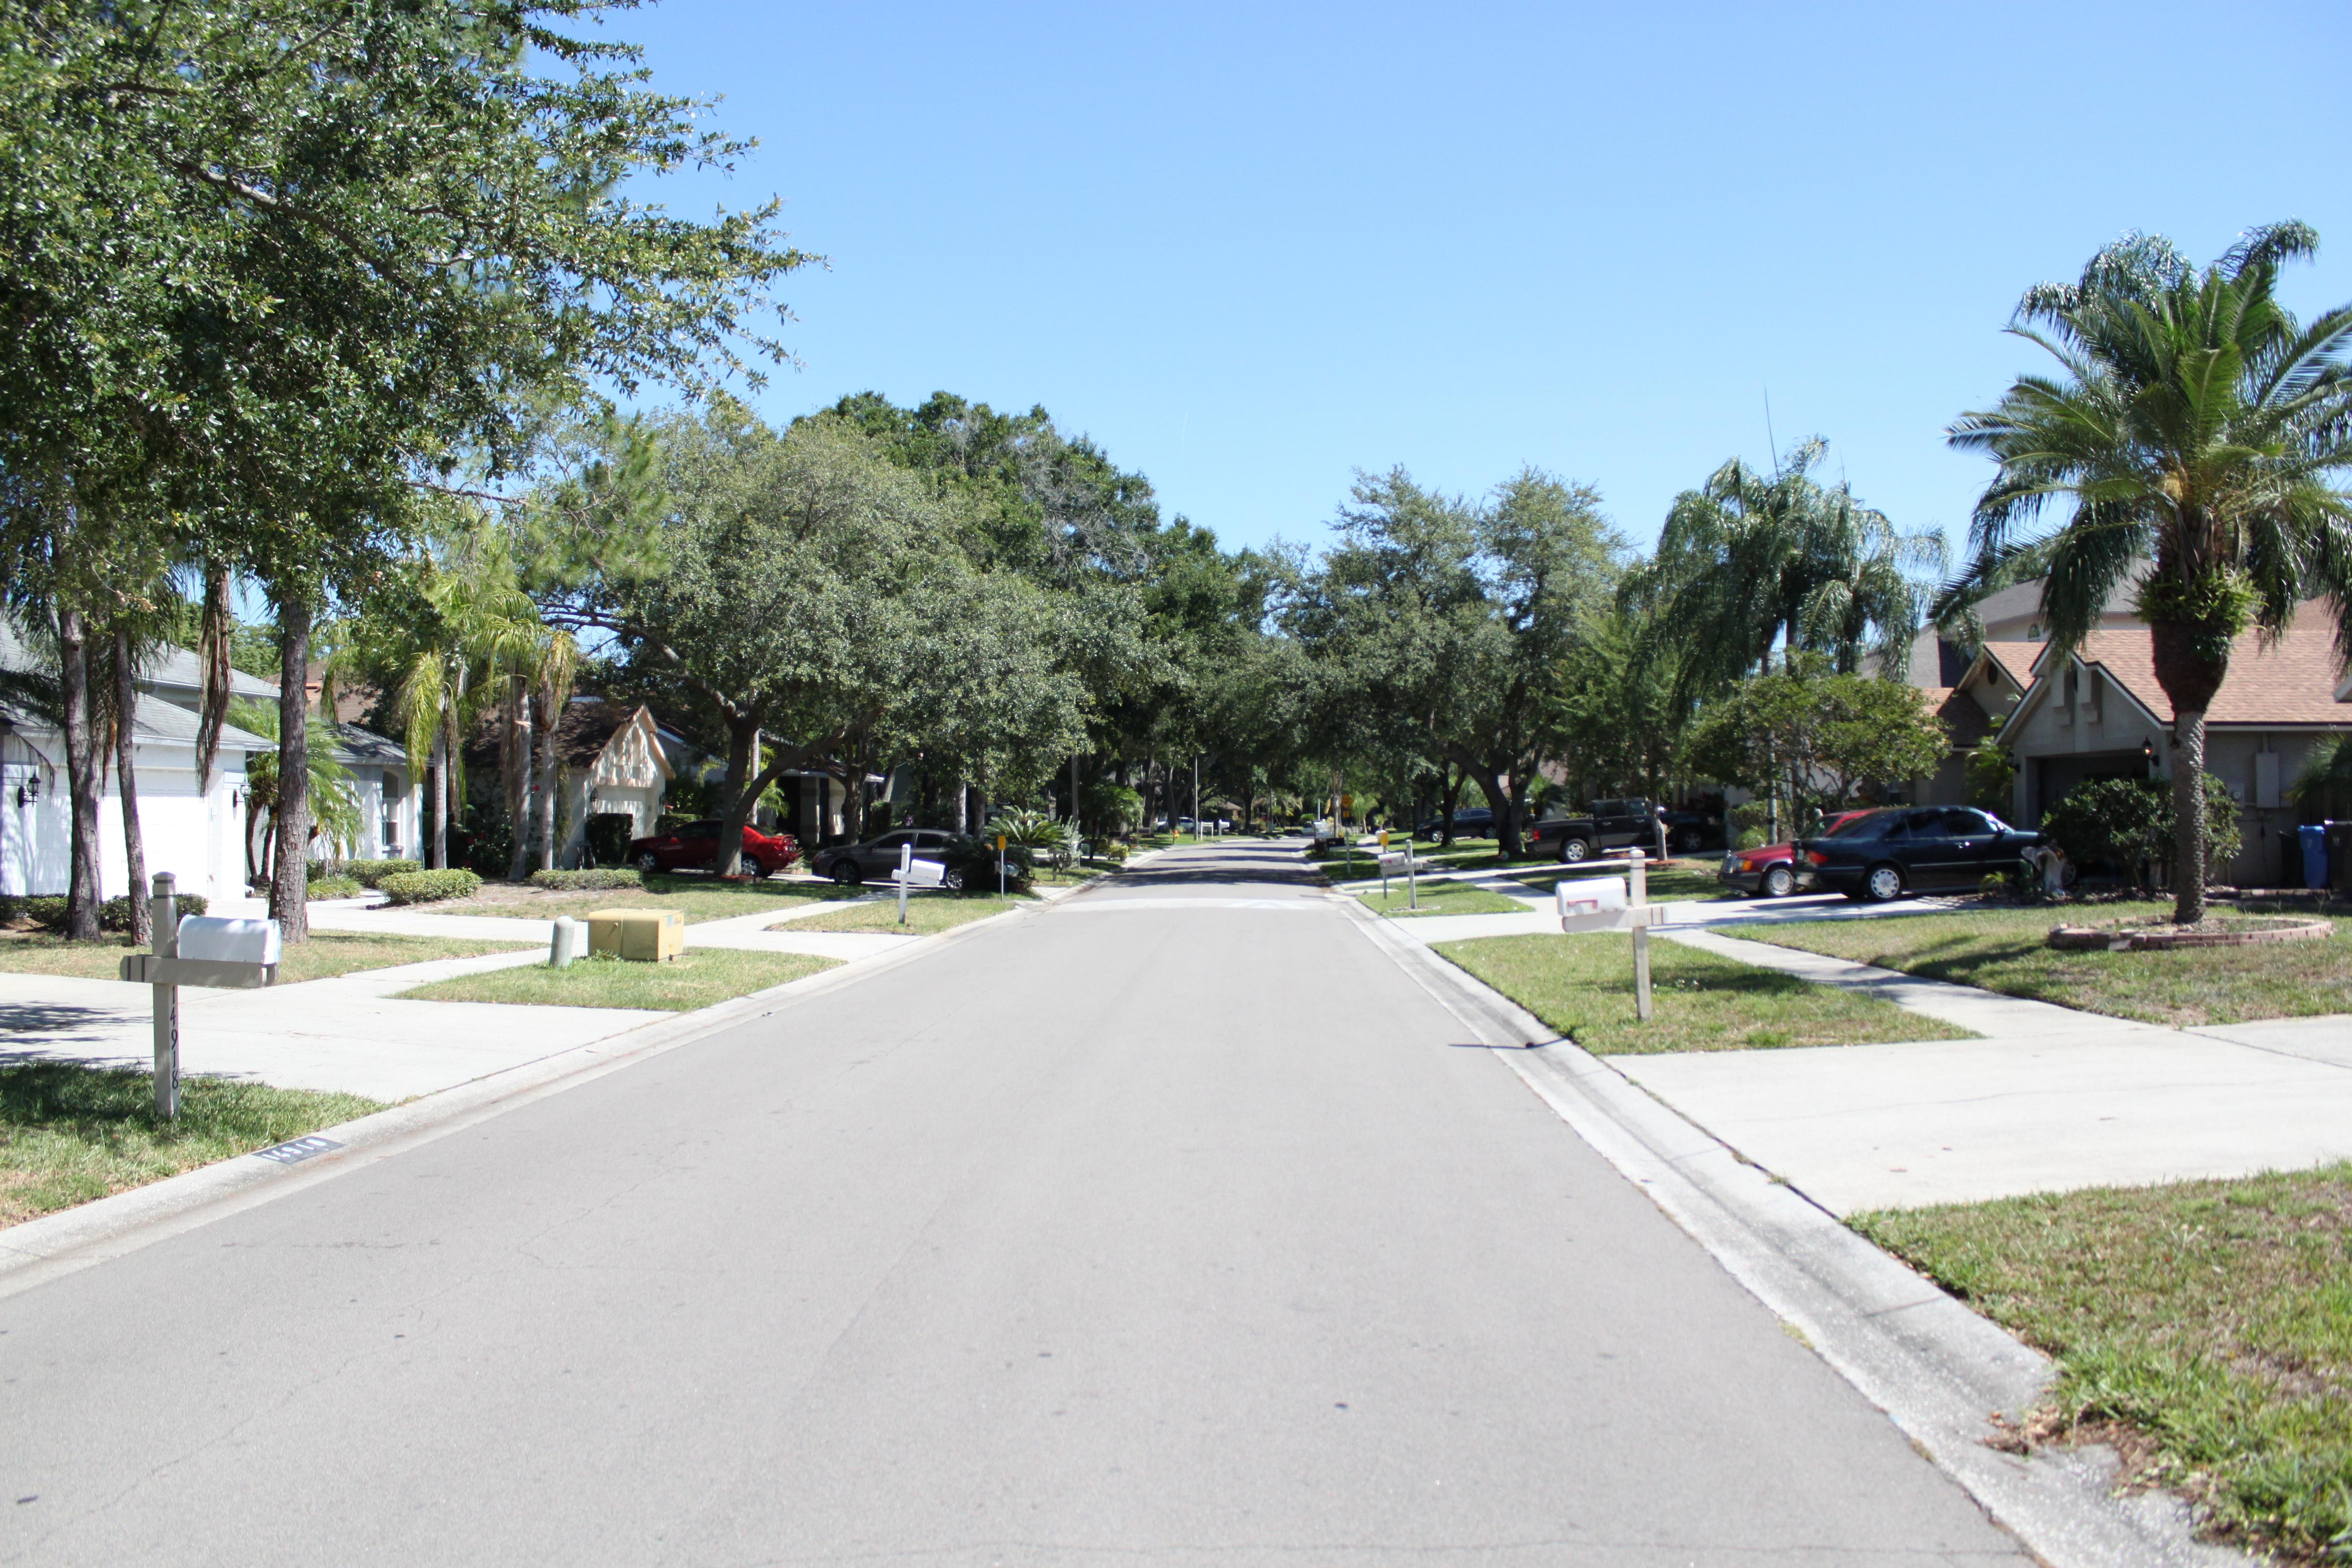 Eastbrook community view of road